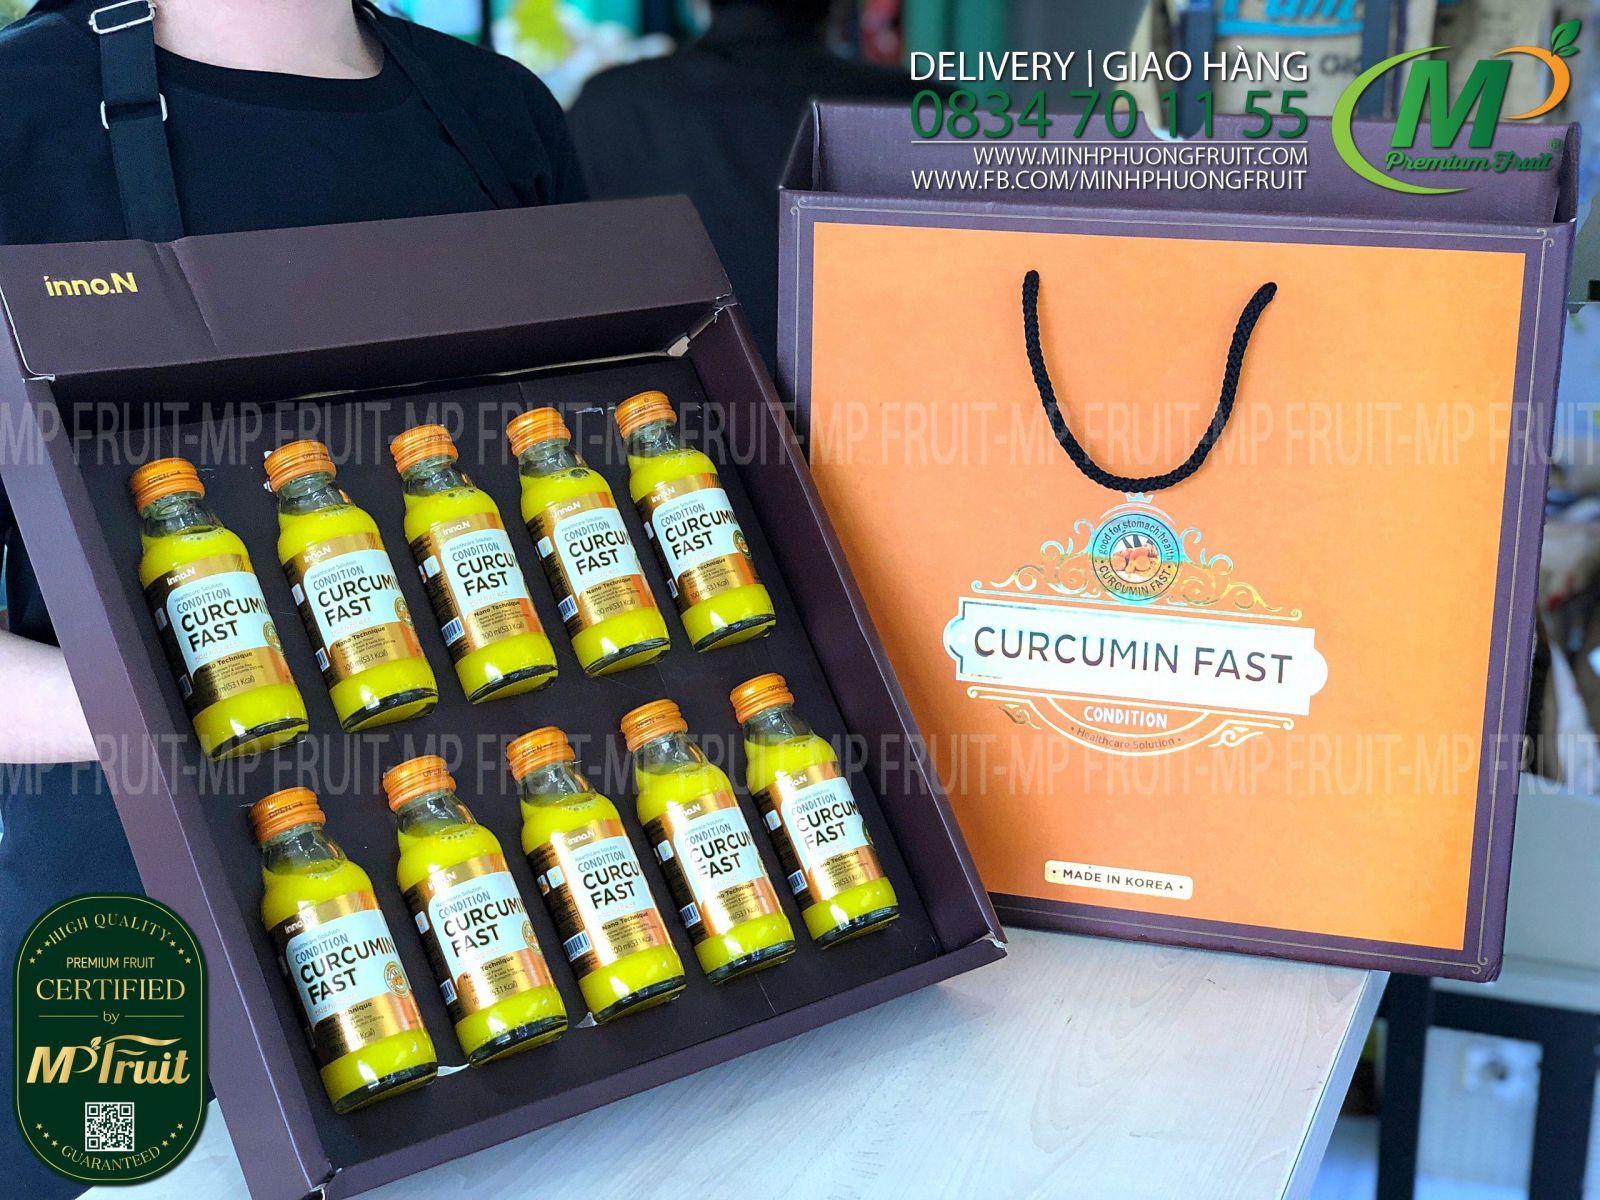 Nước Tinh Nghệ Nano Condition Curcumin Fast Hàn Quốc   Gift Box 10 Chai x 100ml tại MP Fruits